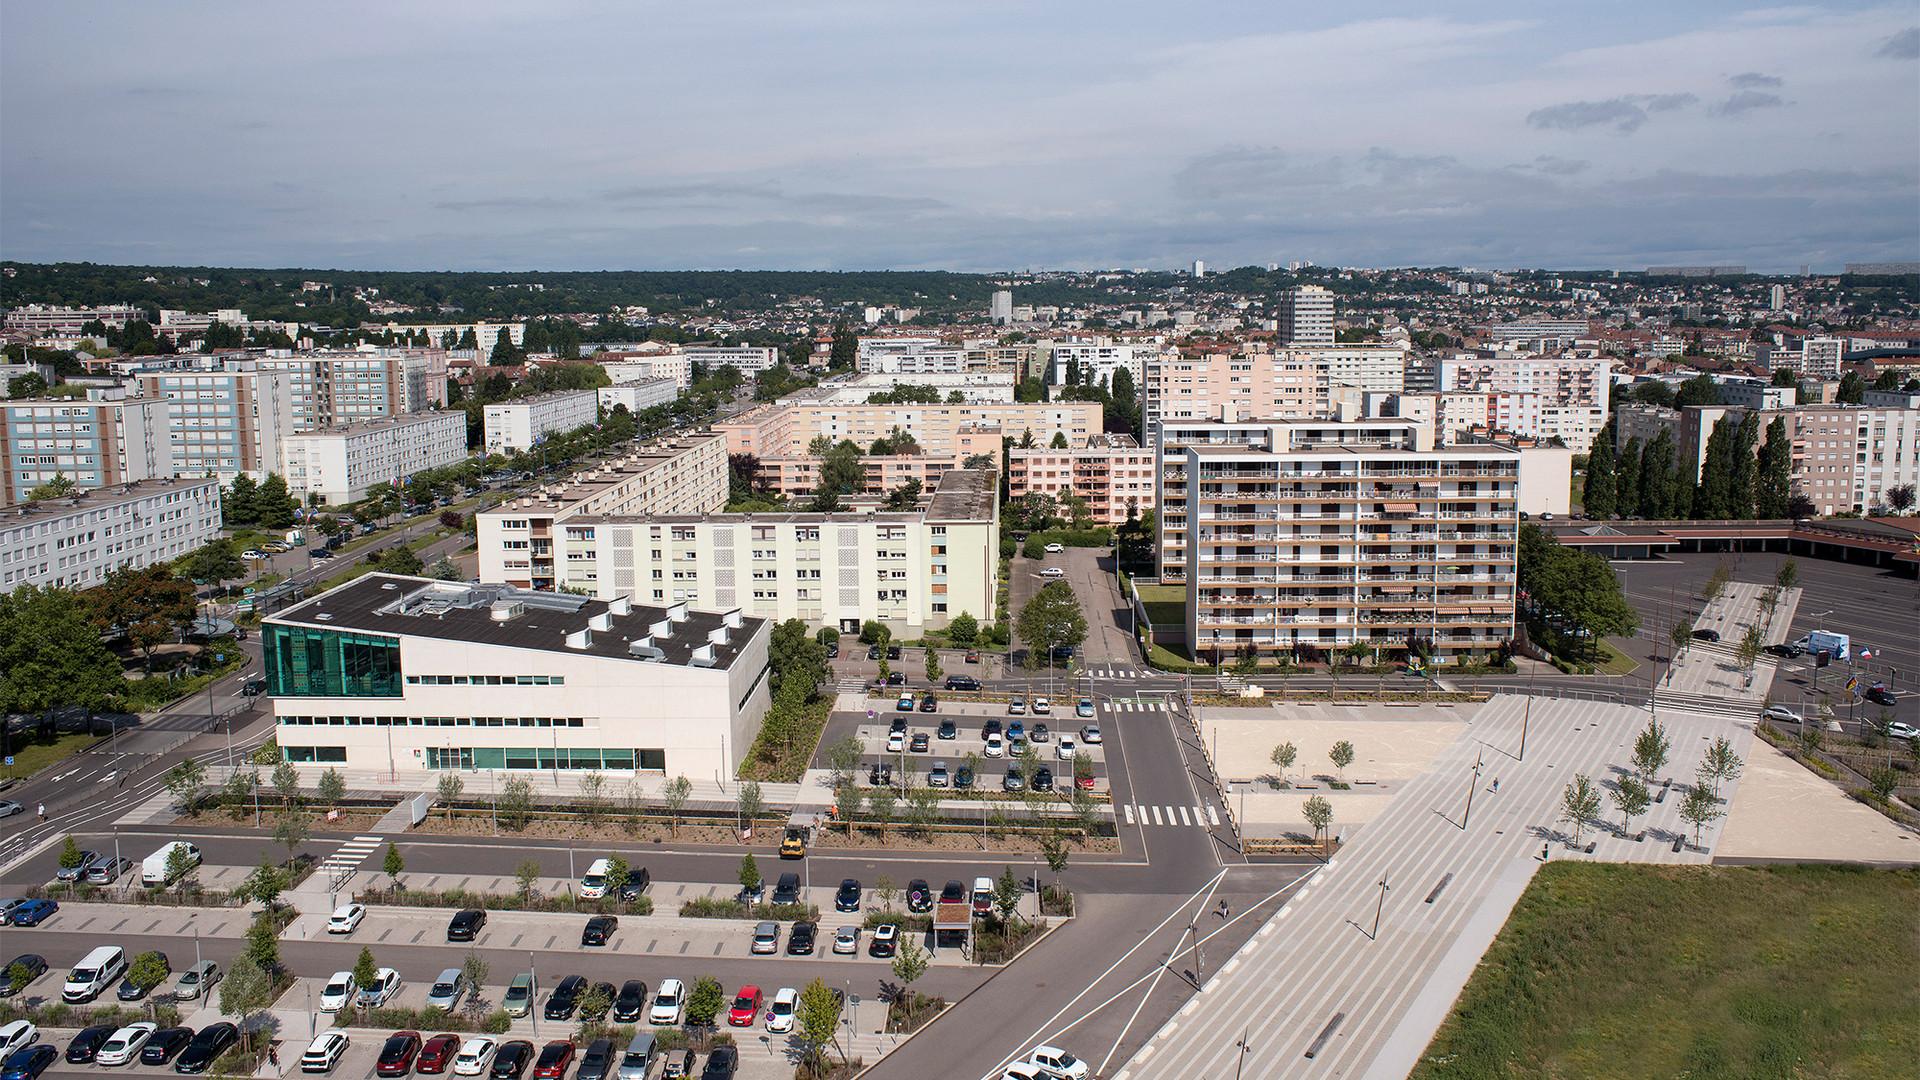 VDR_coeur-de-ville-1.jpg